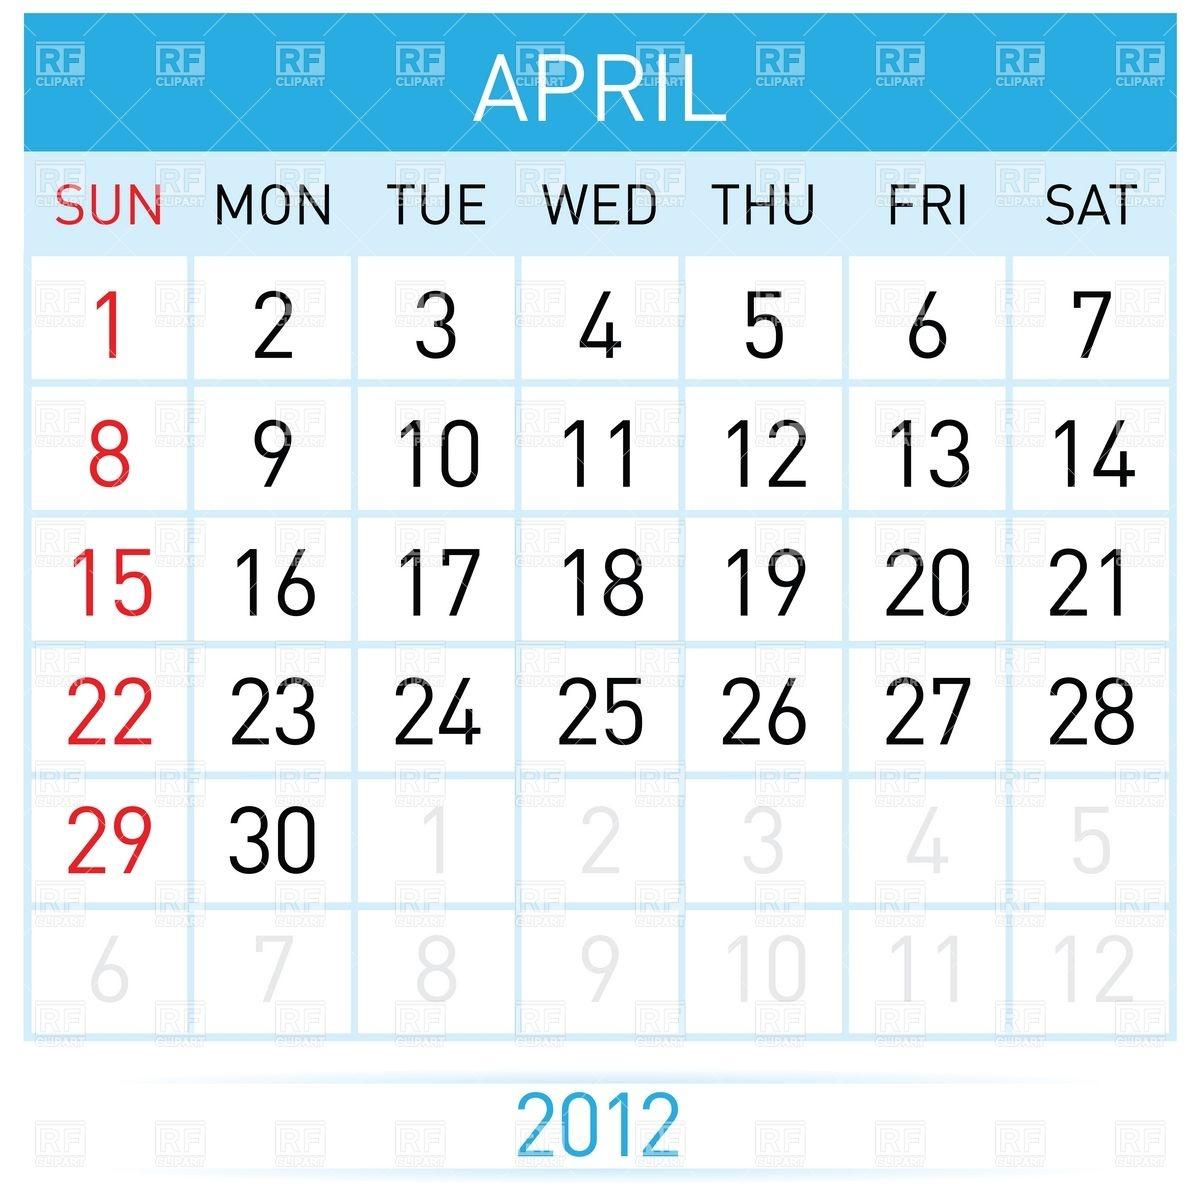 Calendar clipart april. Month